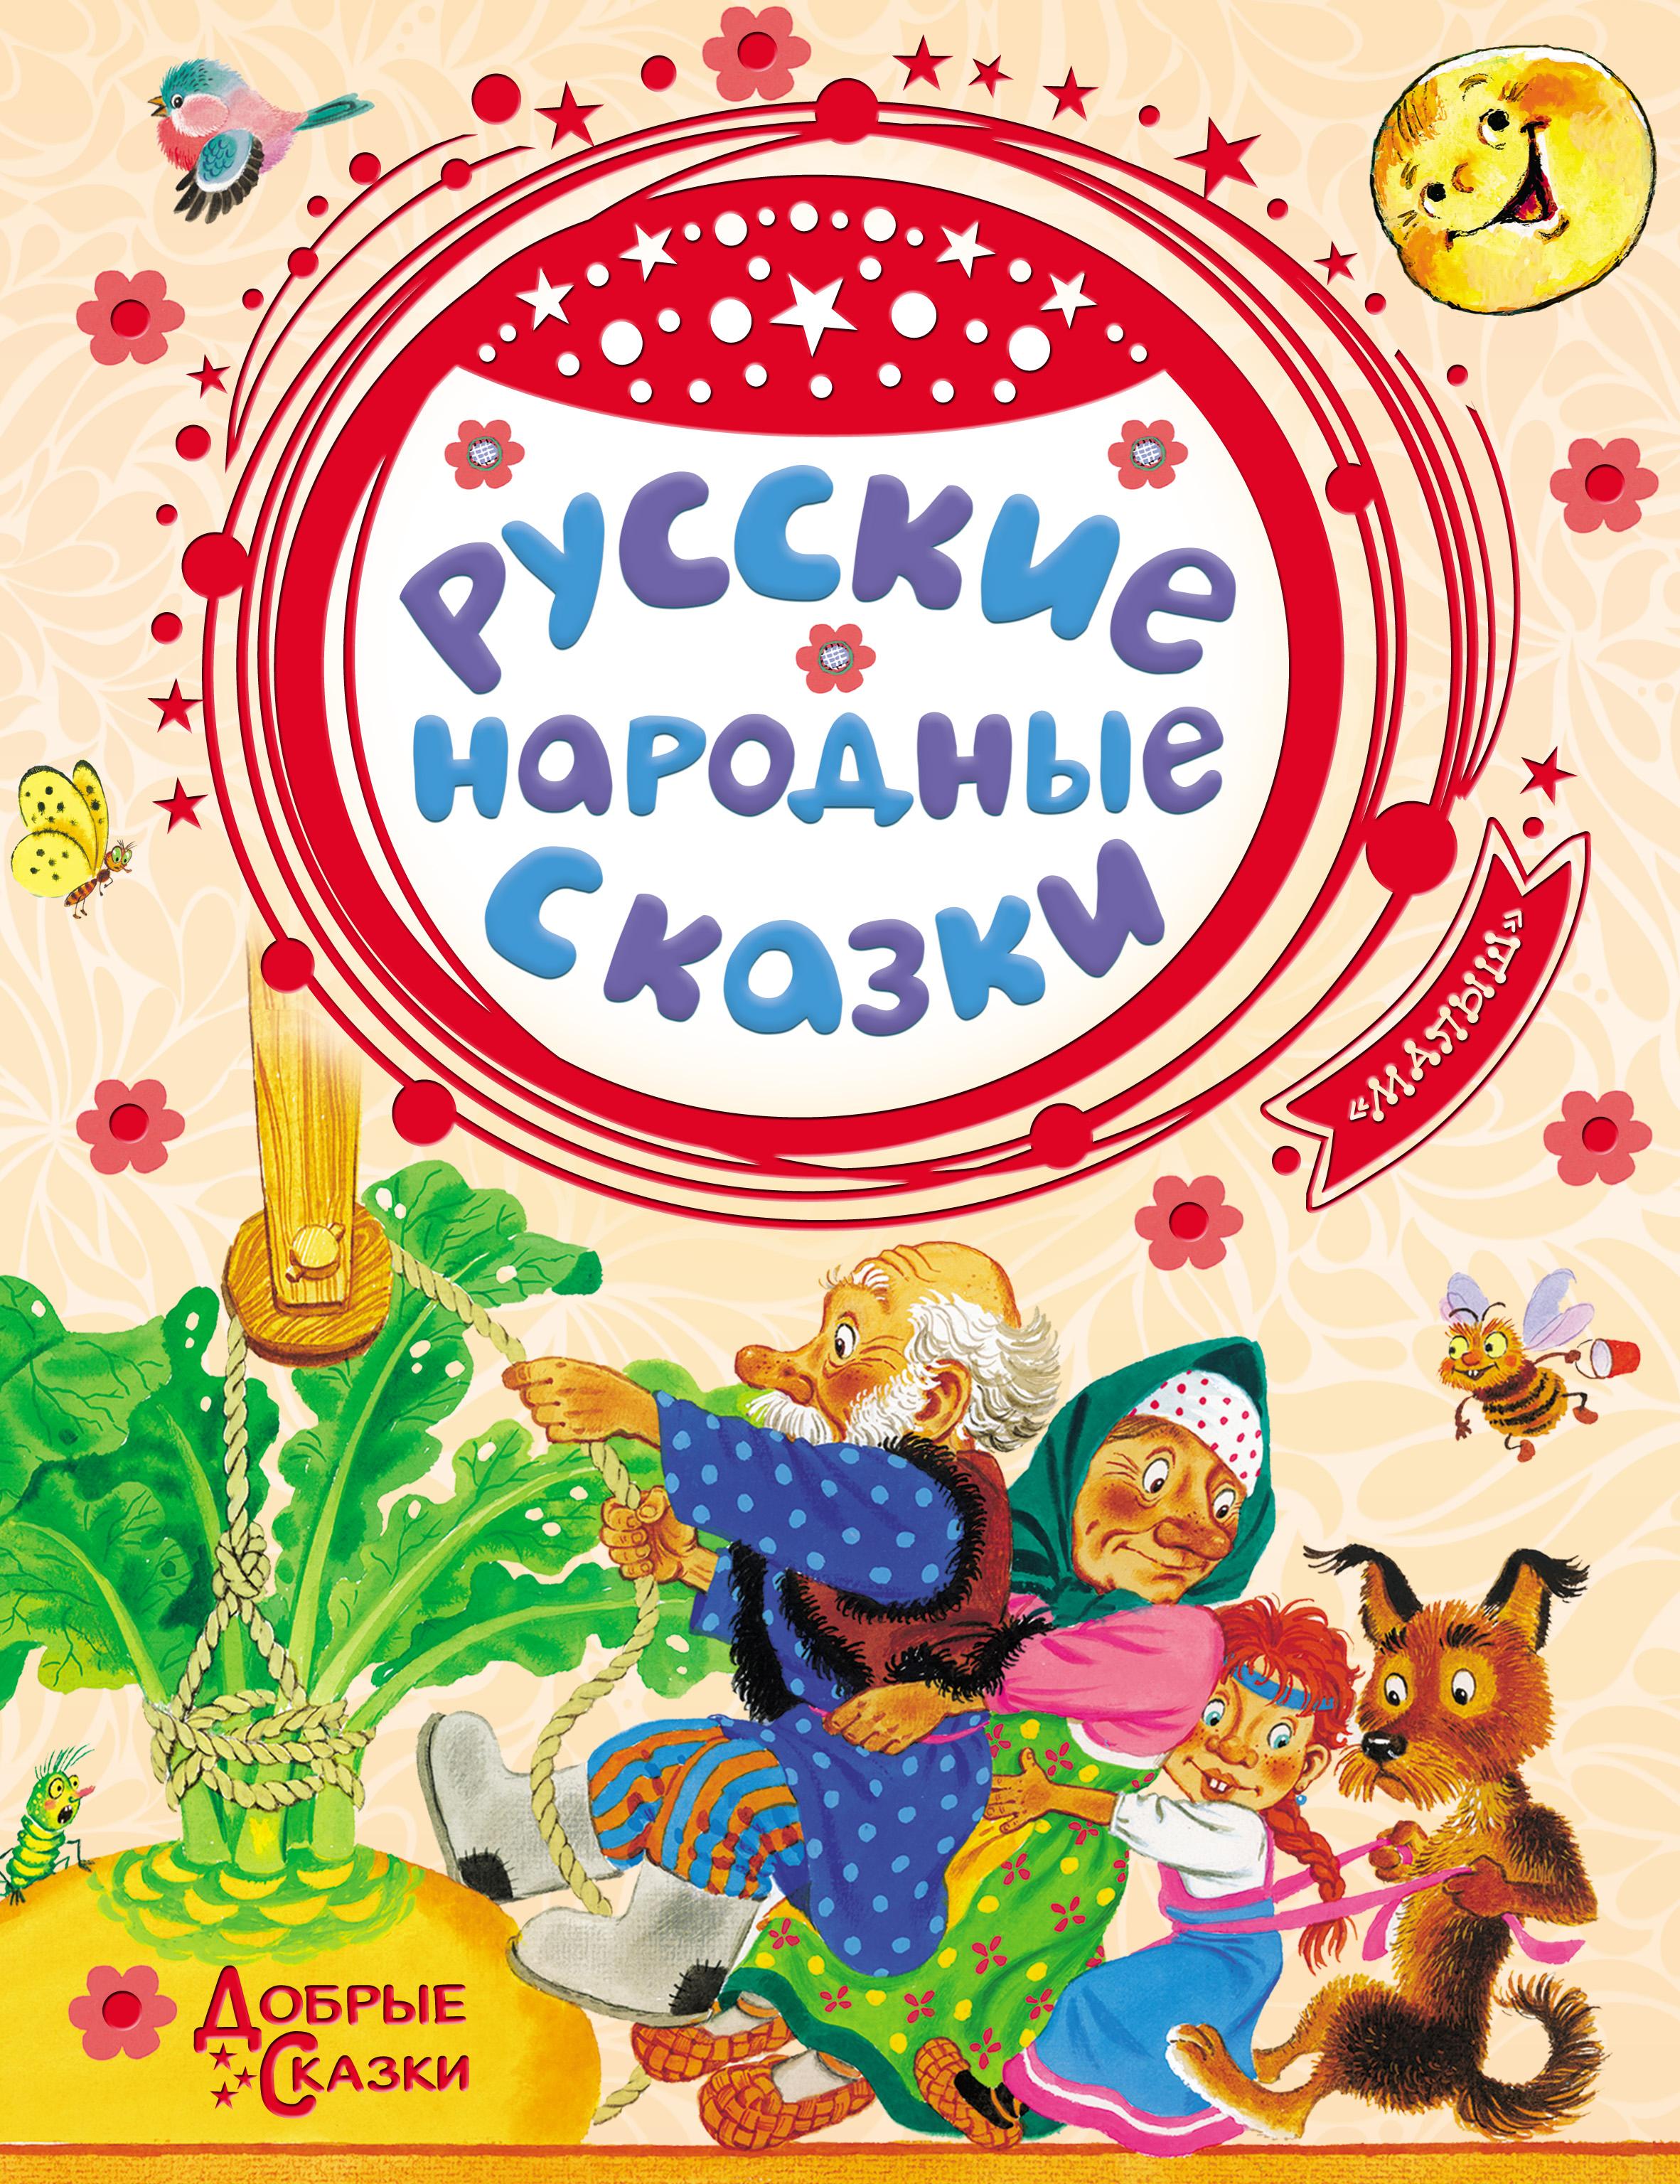 Русские сказки Русские народные сказки диафильм светлячок колобок курочка ряба русские народные сказки